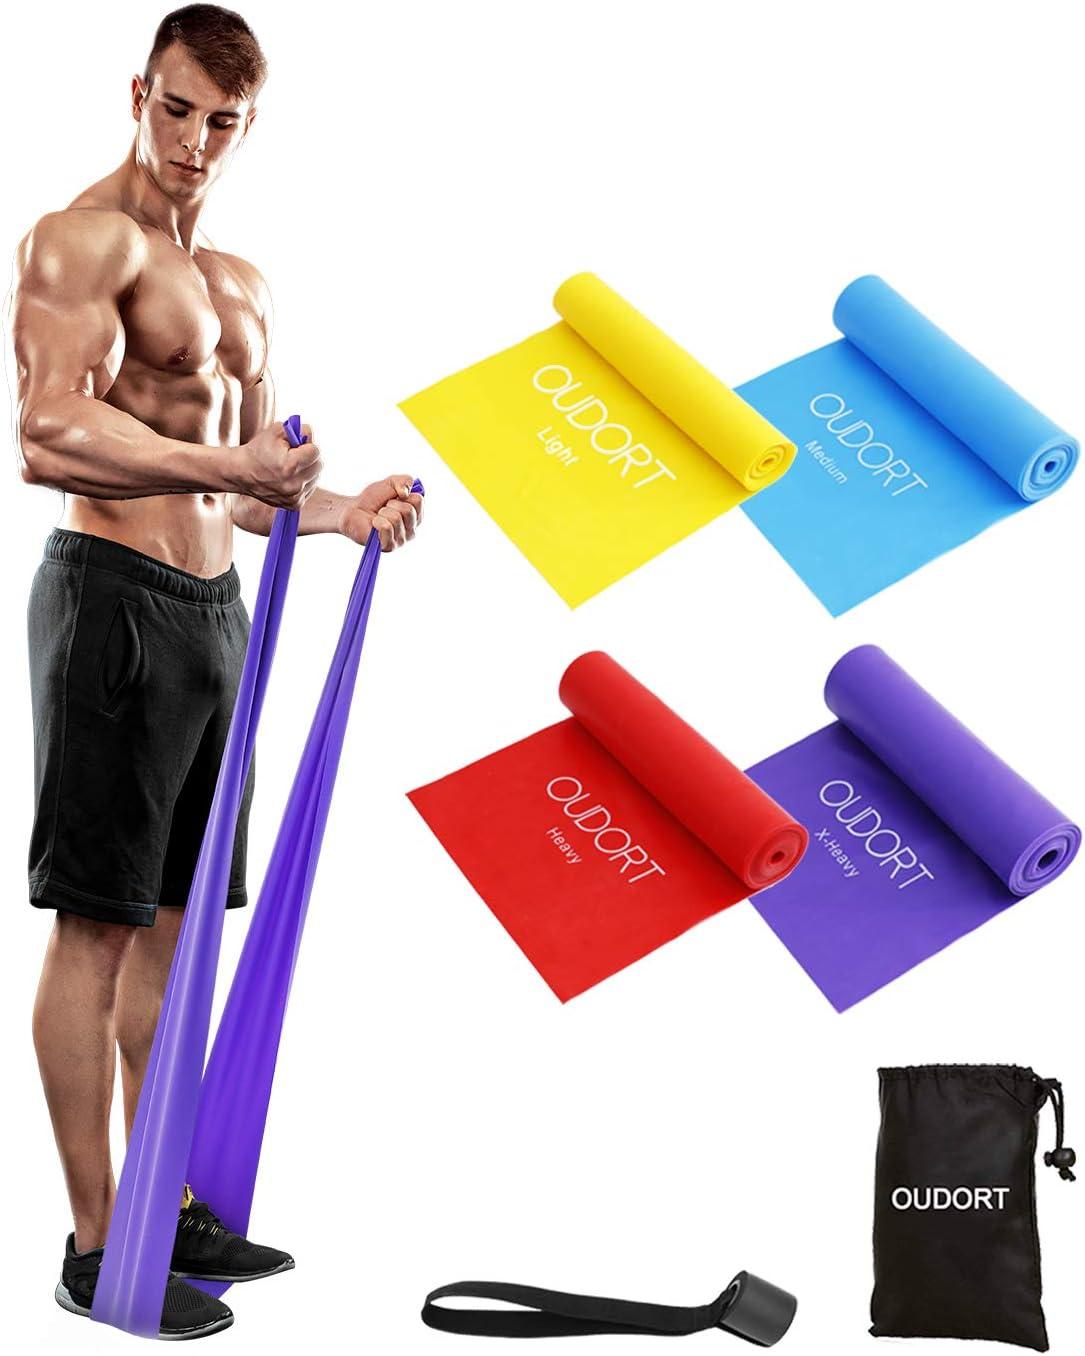 Oudort Cintas Elásticas Musculación, 4 Gomas Elásticas Fitness sin Látex con Anclaje Puerta para Yoga, Pilates, Estiramientos, Rehabilitación, ...